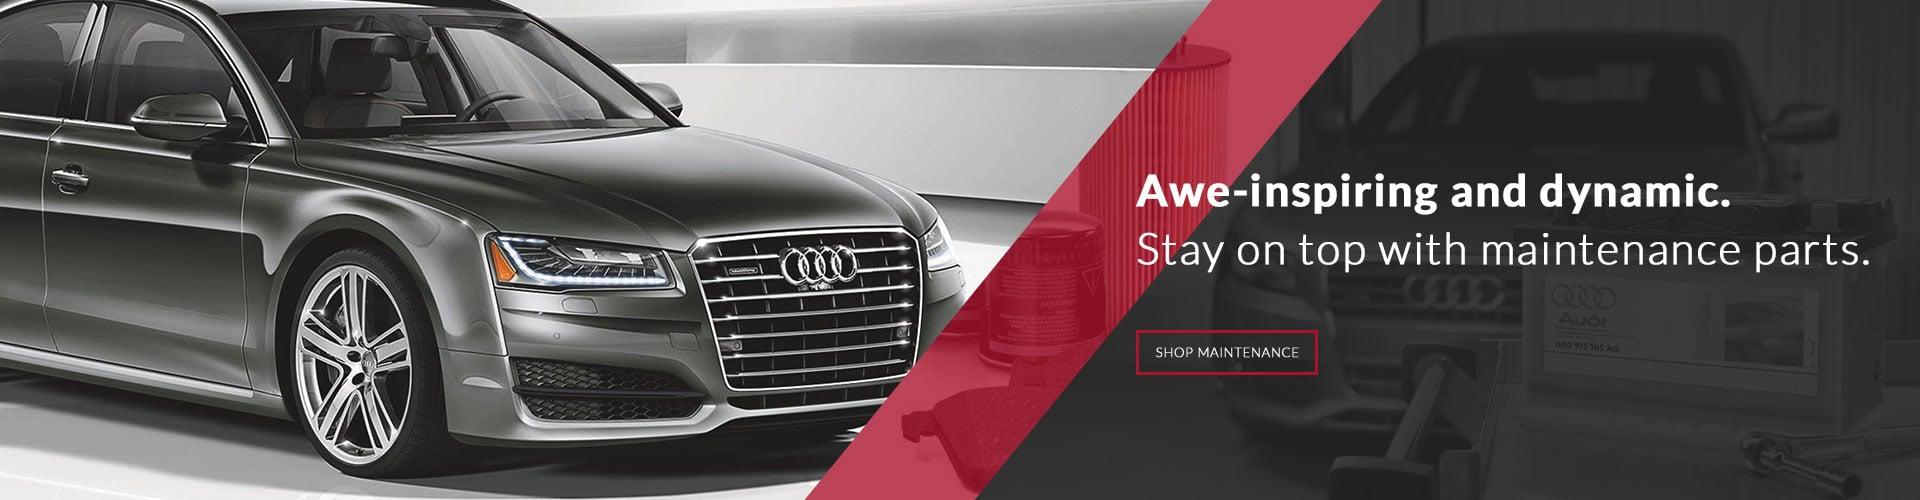 Audi maintenance parts